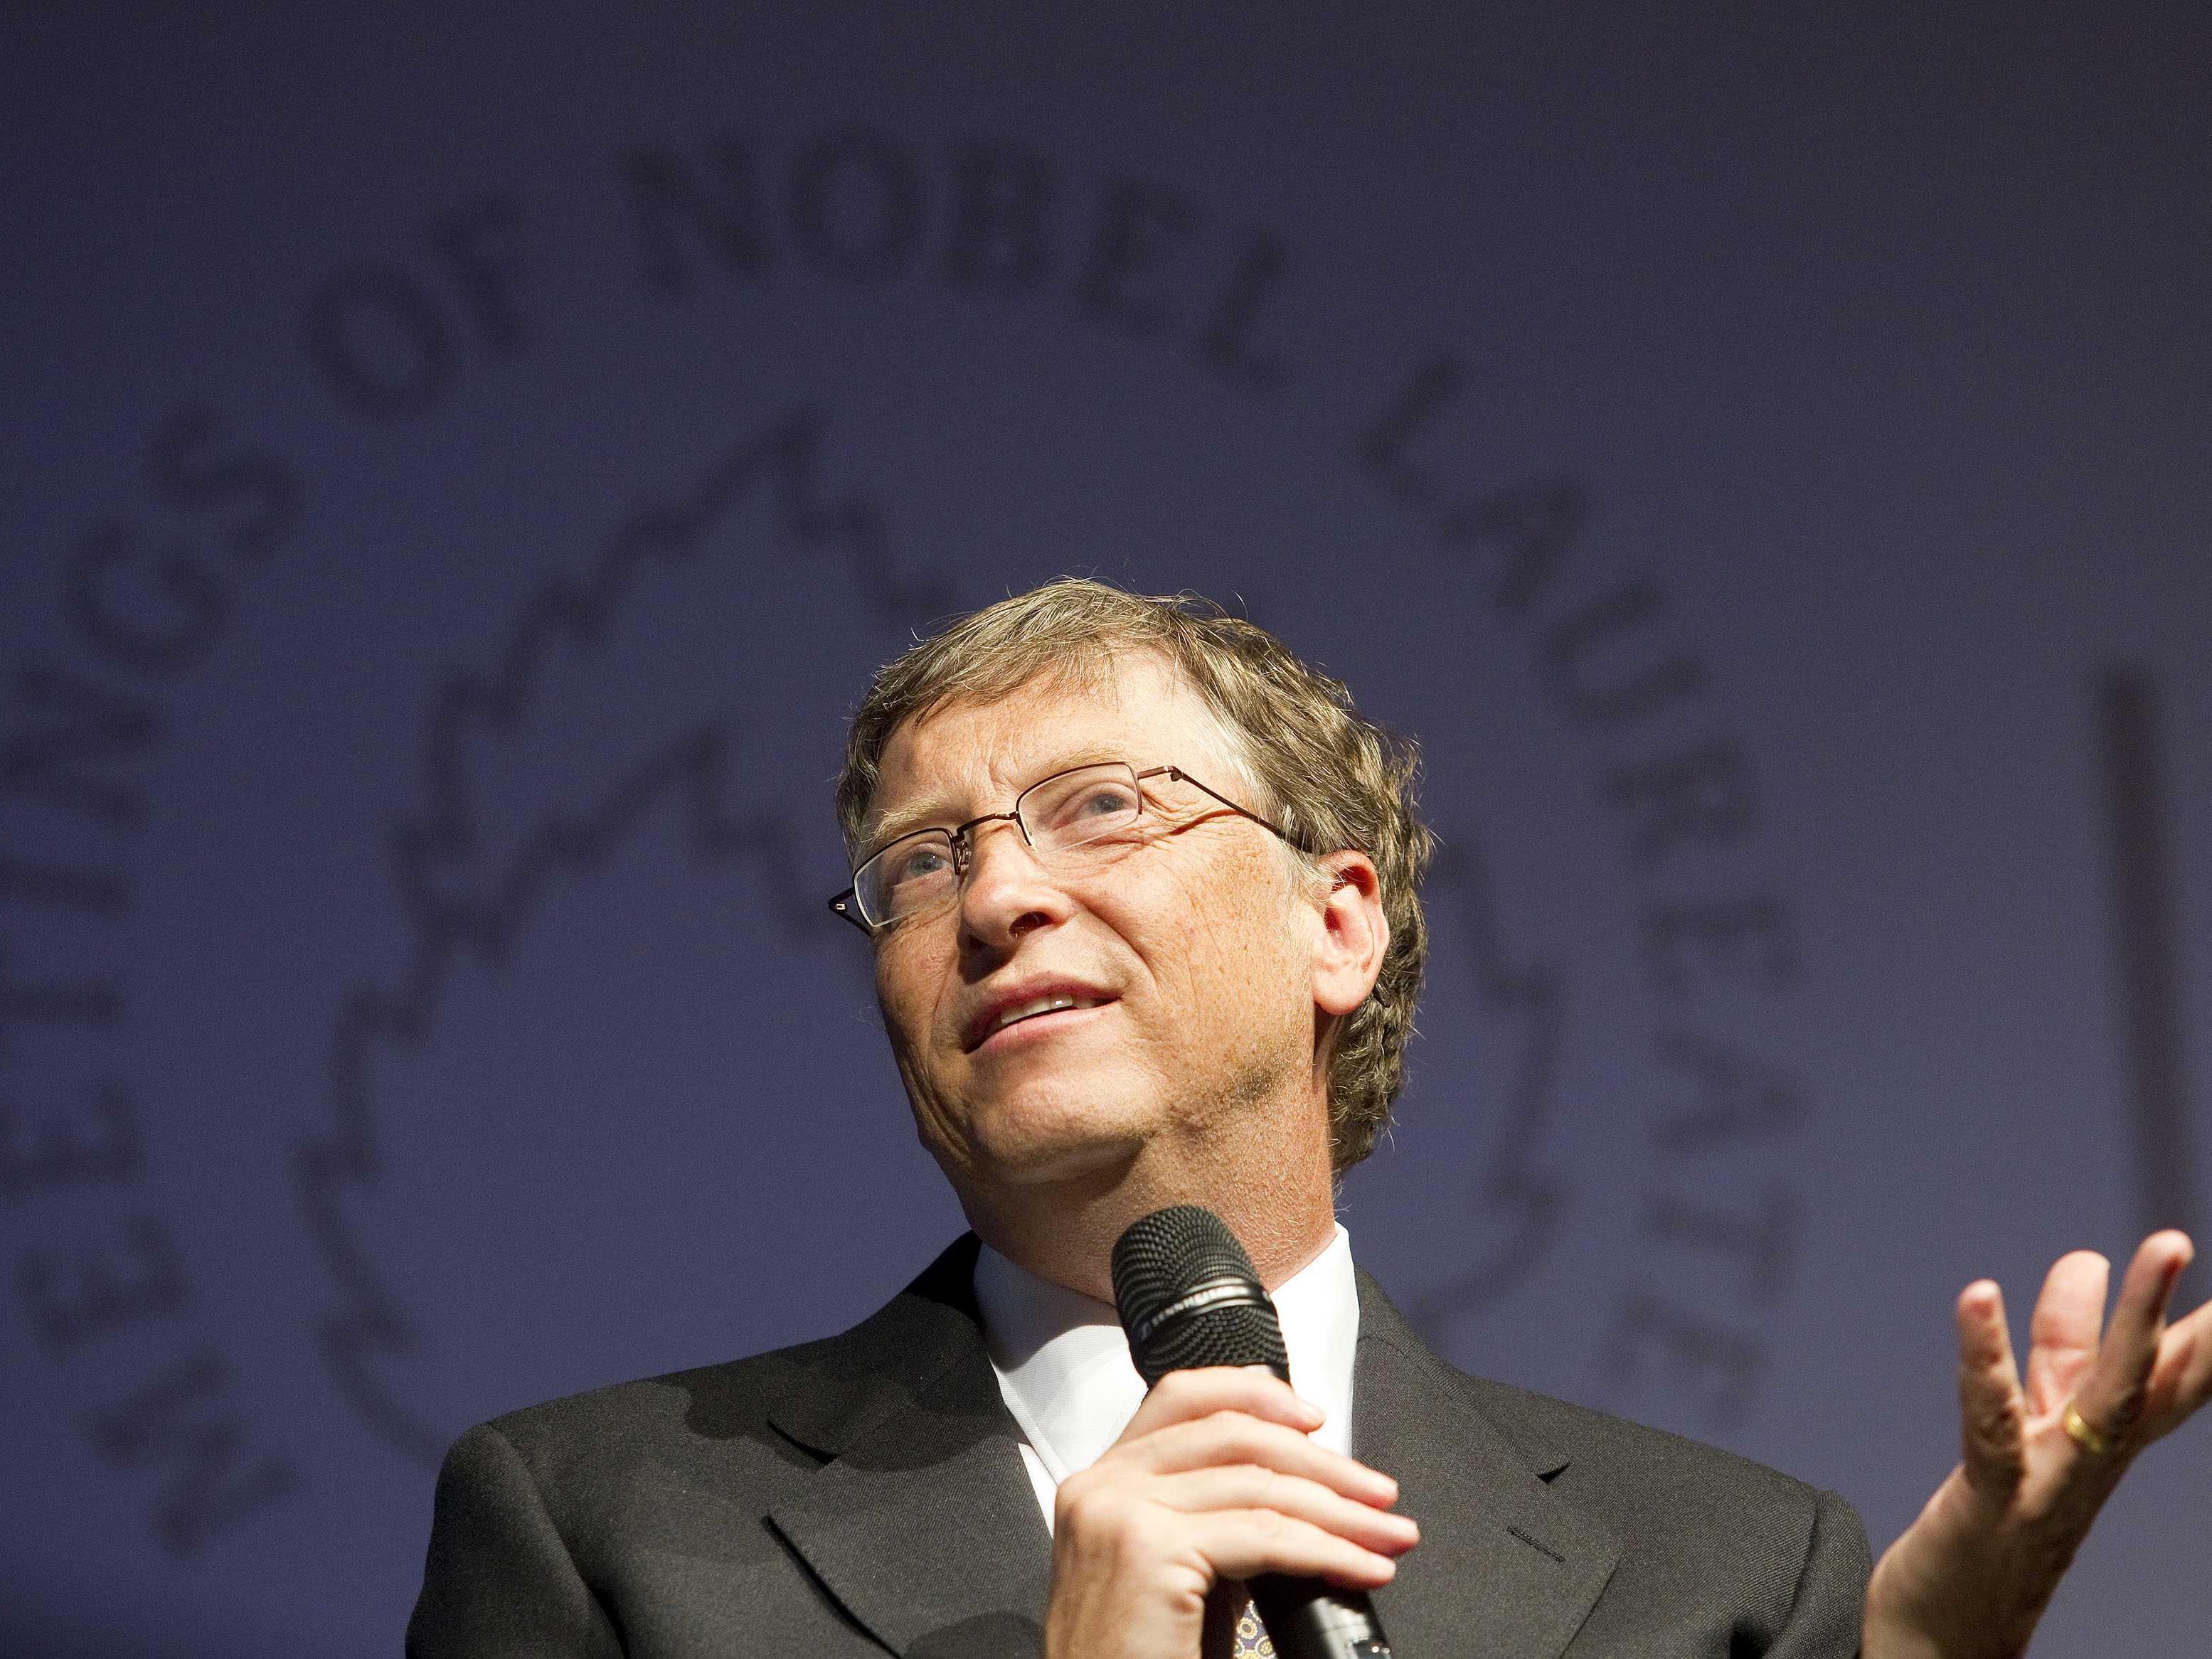 Milliardär und Philantrop Bill Gates sprach (auch ohne Nobelpreis) bei der 61. Nobelpreisträgertagung in Lindau.